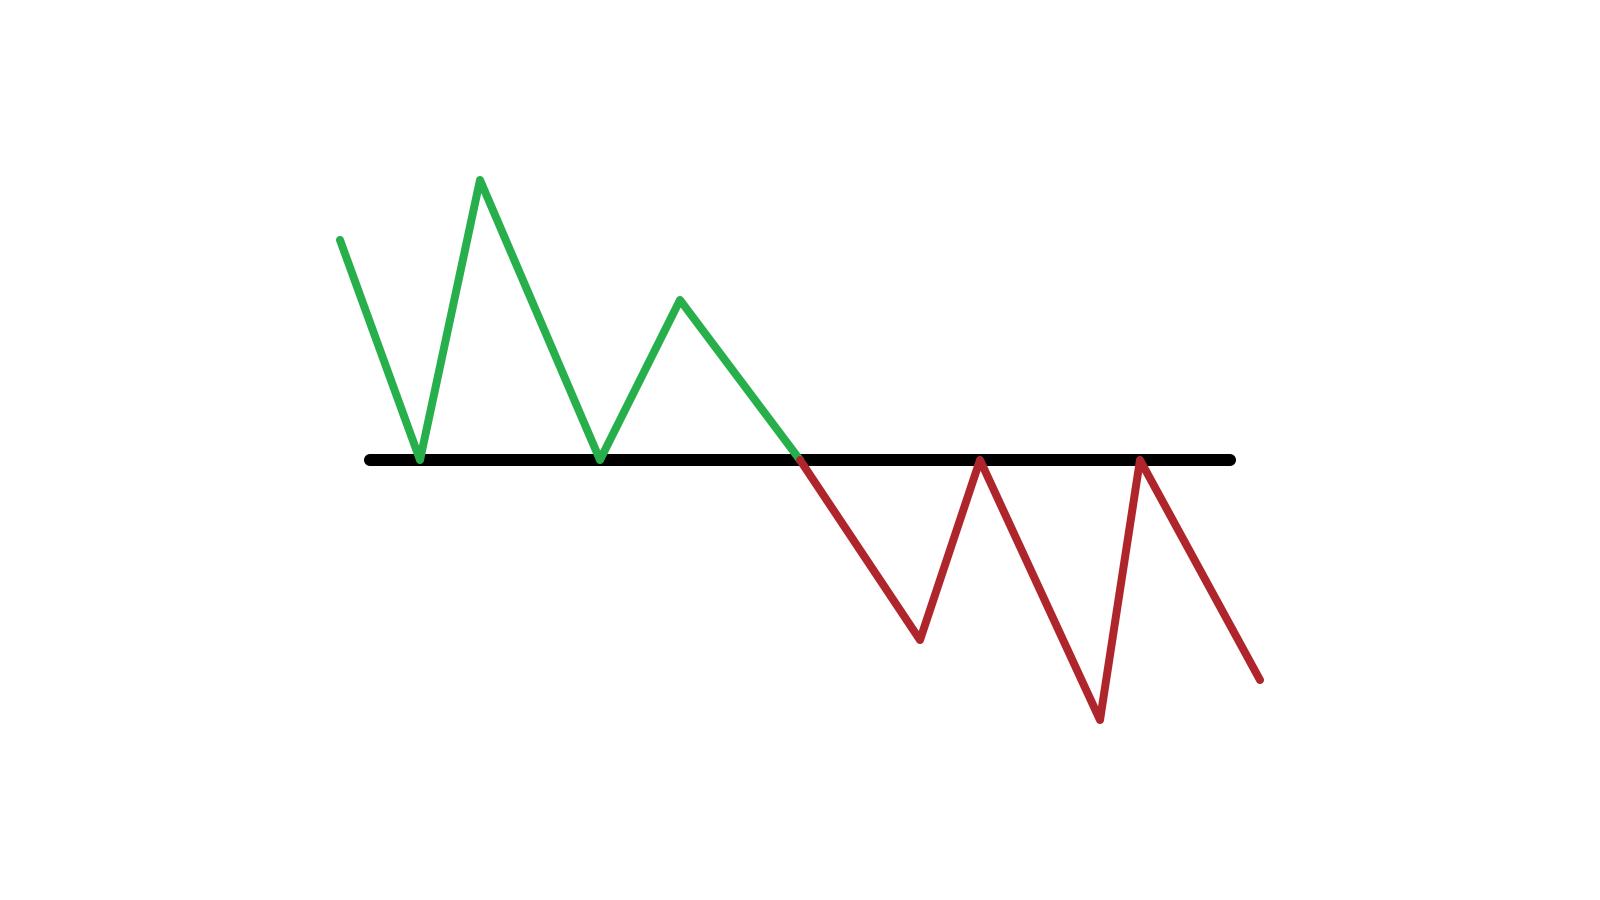 确定价格何时从 Binomo 上的支撑/阻力突破的指南以及要采取的行动